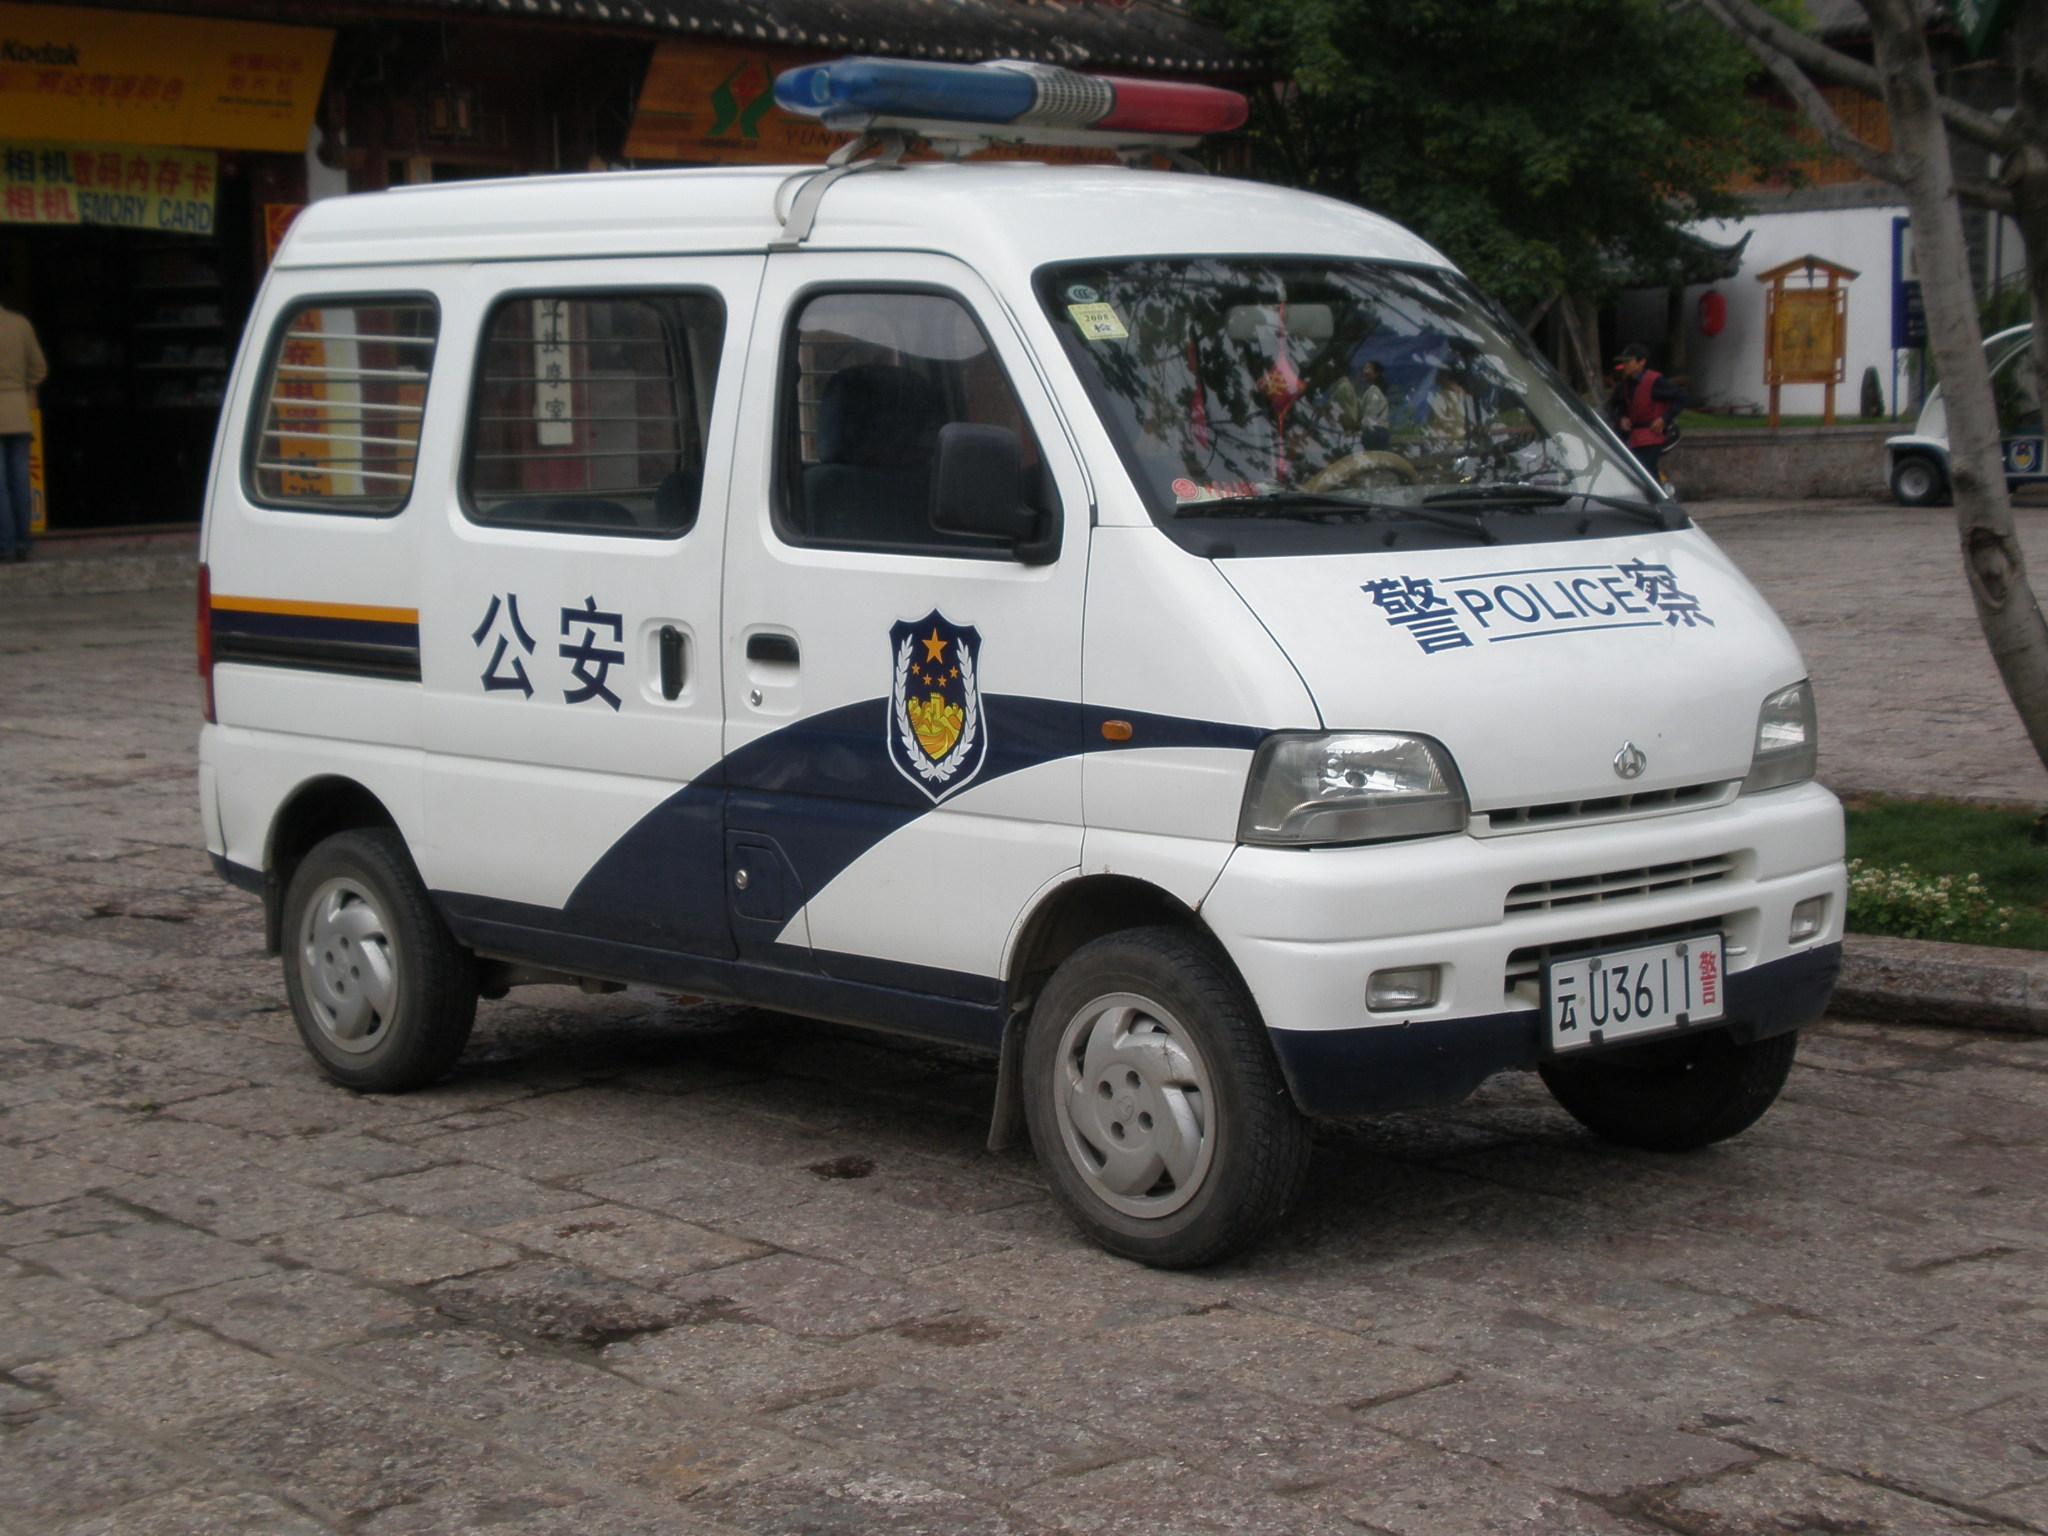 Description police minivan in yuhe square jpg